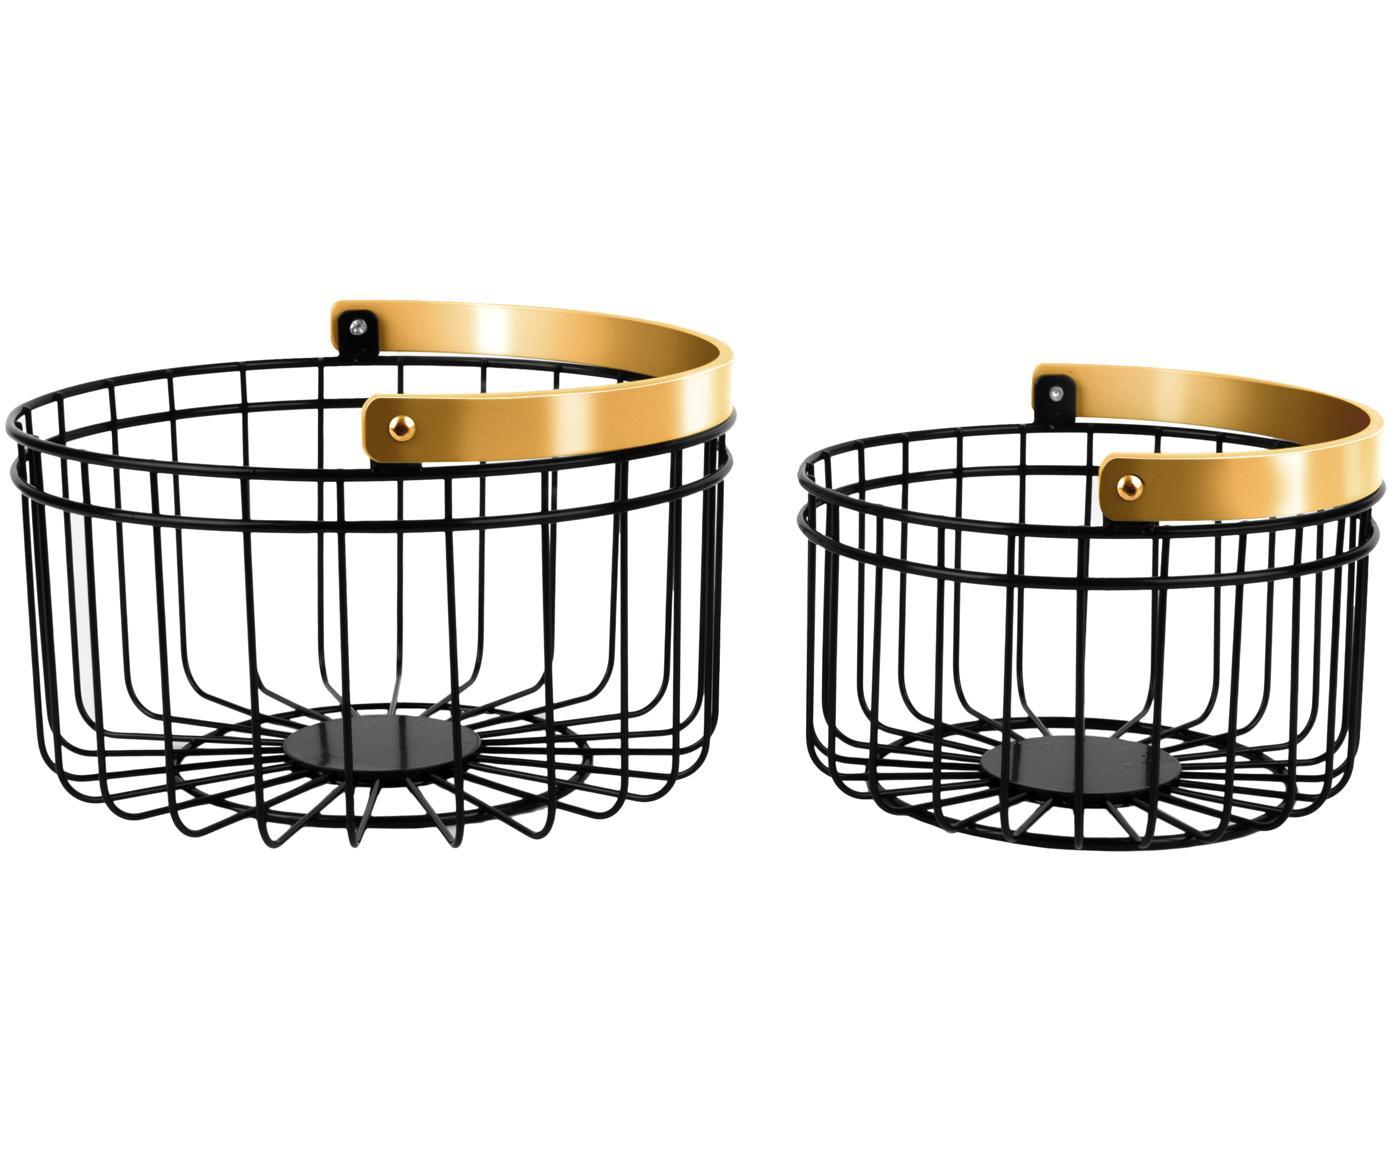 Aufbewahrungskörbe-Set Accents, 2-tlg., Metall, Schwarz, Kupfer, Sondergrößen